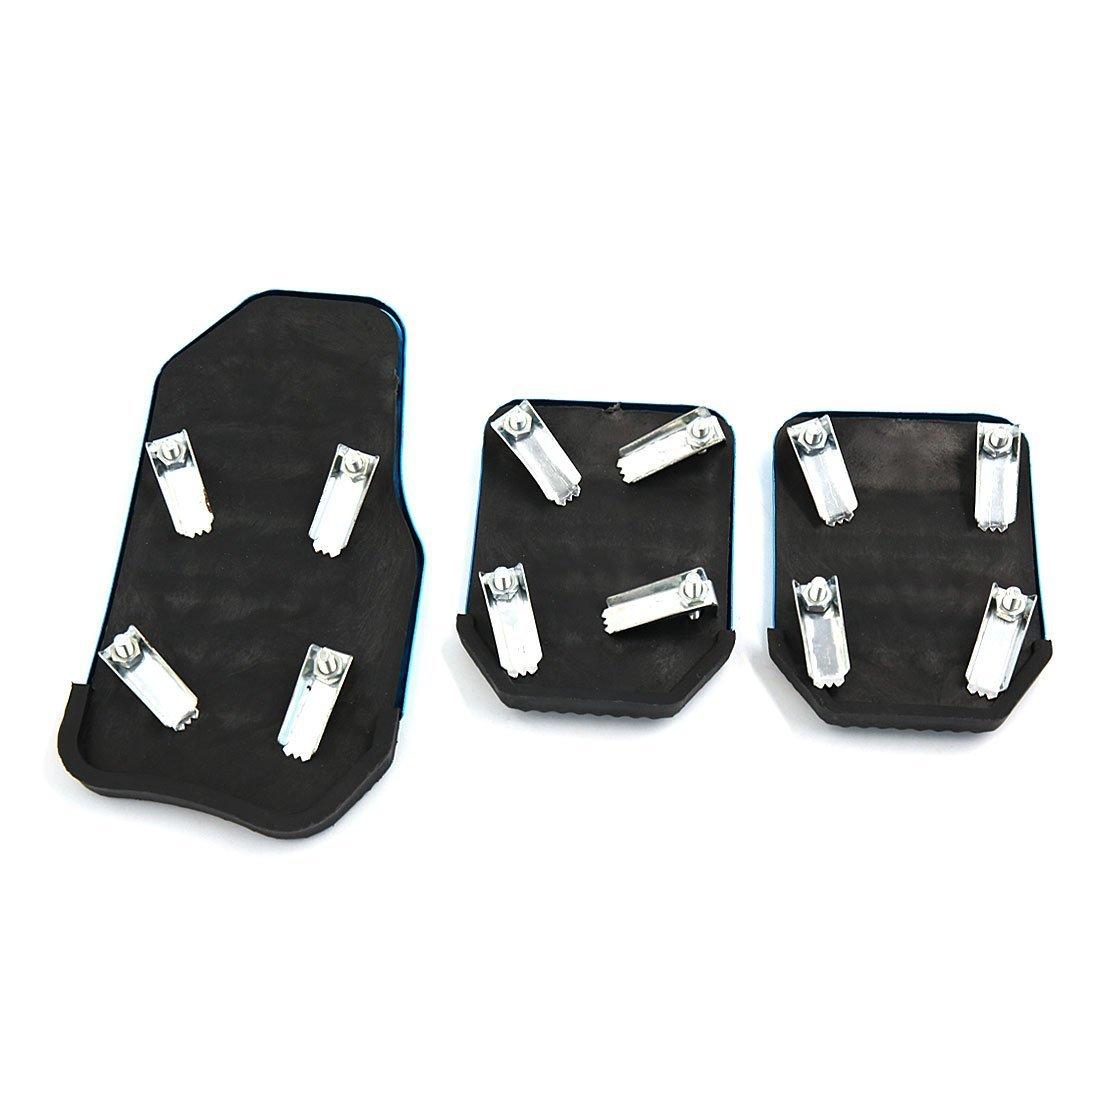 DealMux 3 en 1 azul metálico antideslizante del pedal del acelerador Transmisión Embrague de onda pastillas de freno Juego de Carcasas para el coche: ...